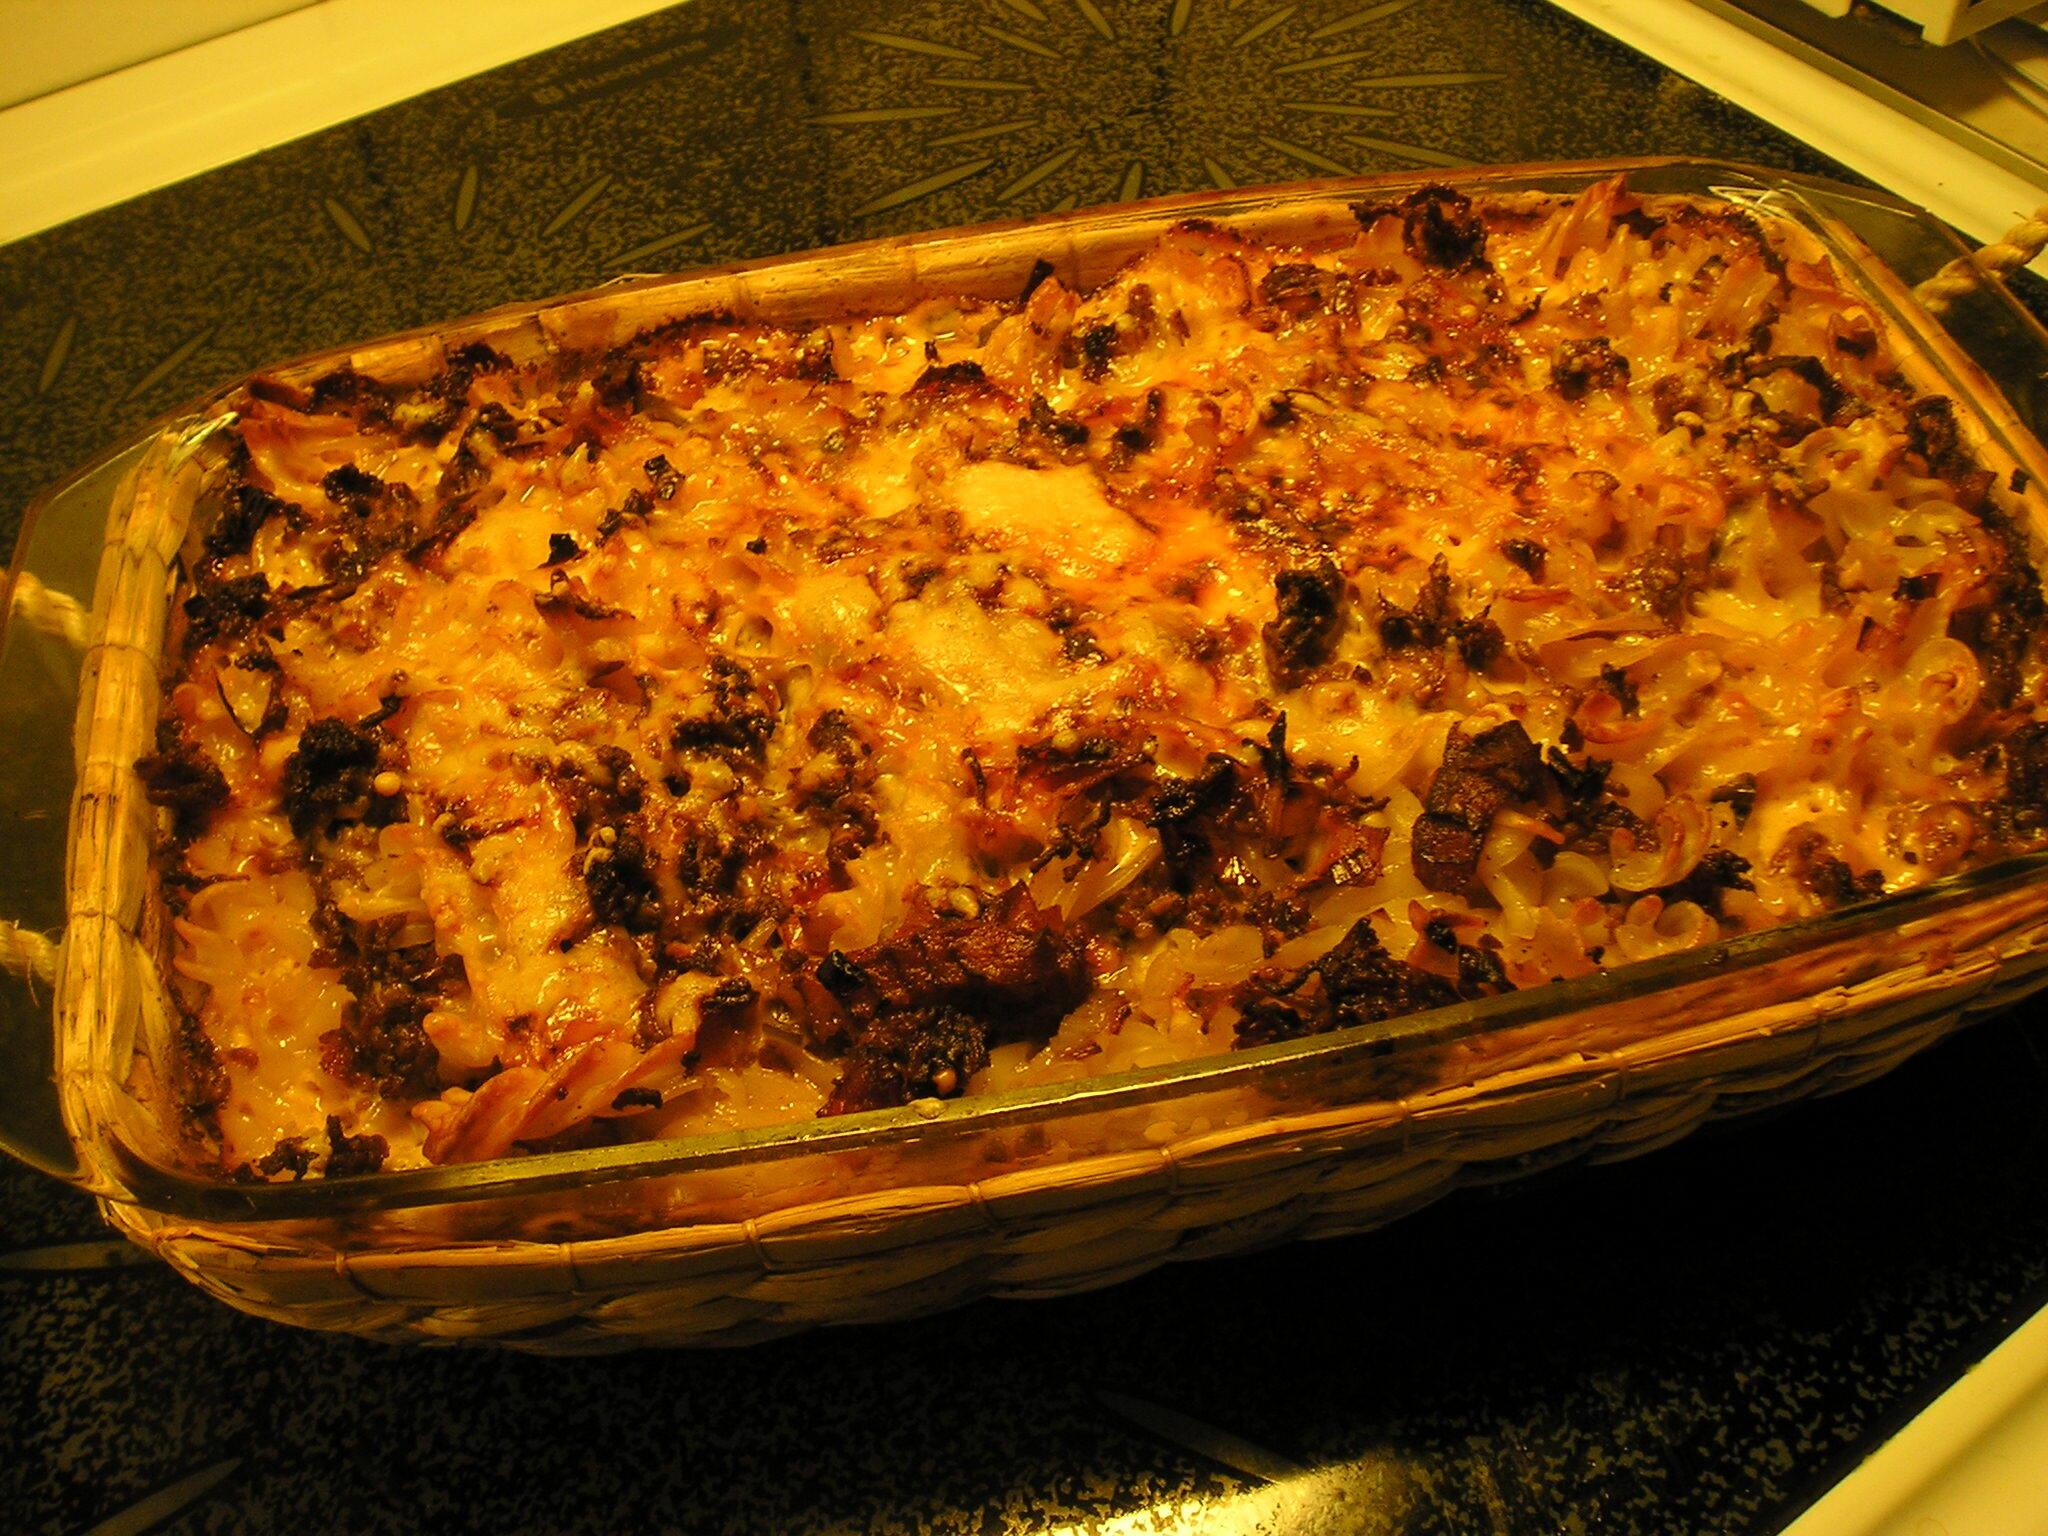 bacon grädde chilisås pasta